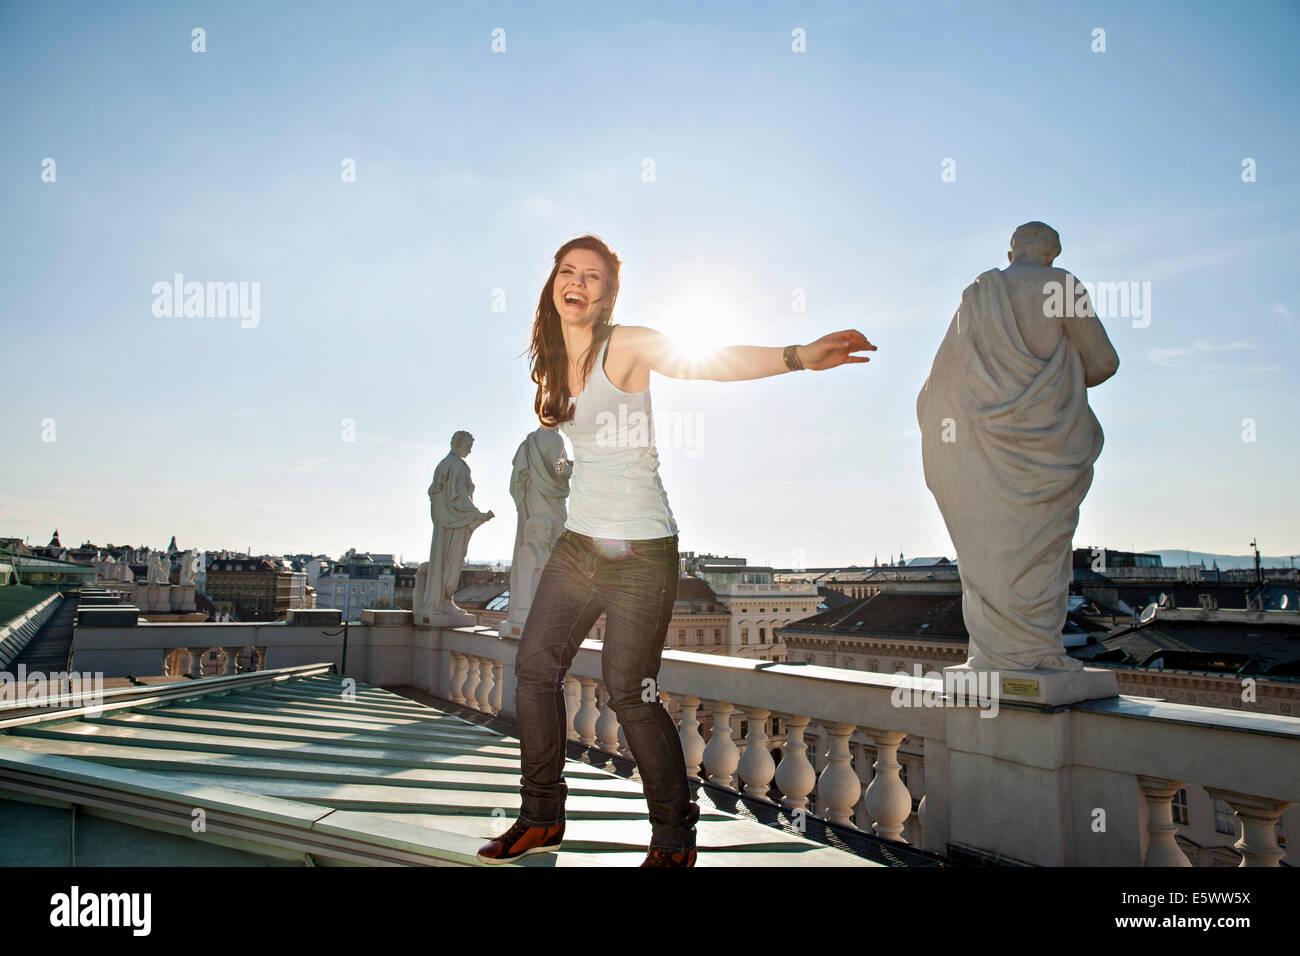 Junge Frau lachend auf Dach, Wien, Österreich Stockbild